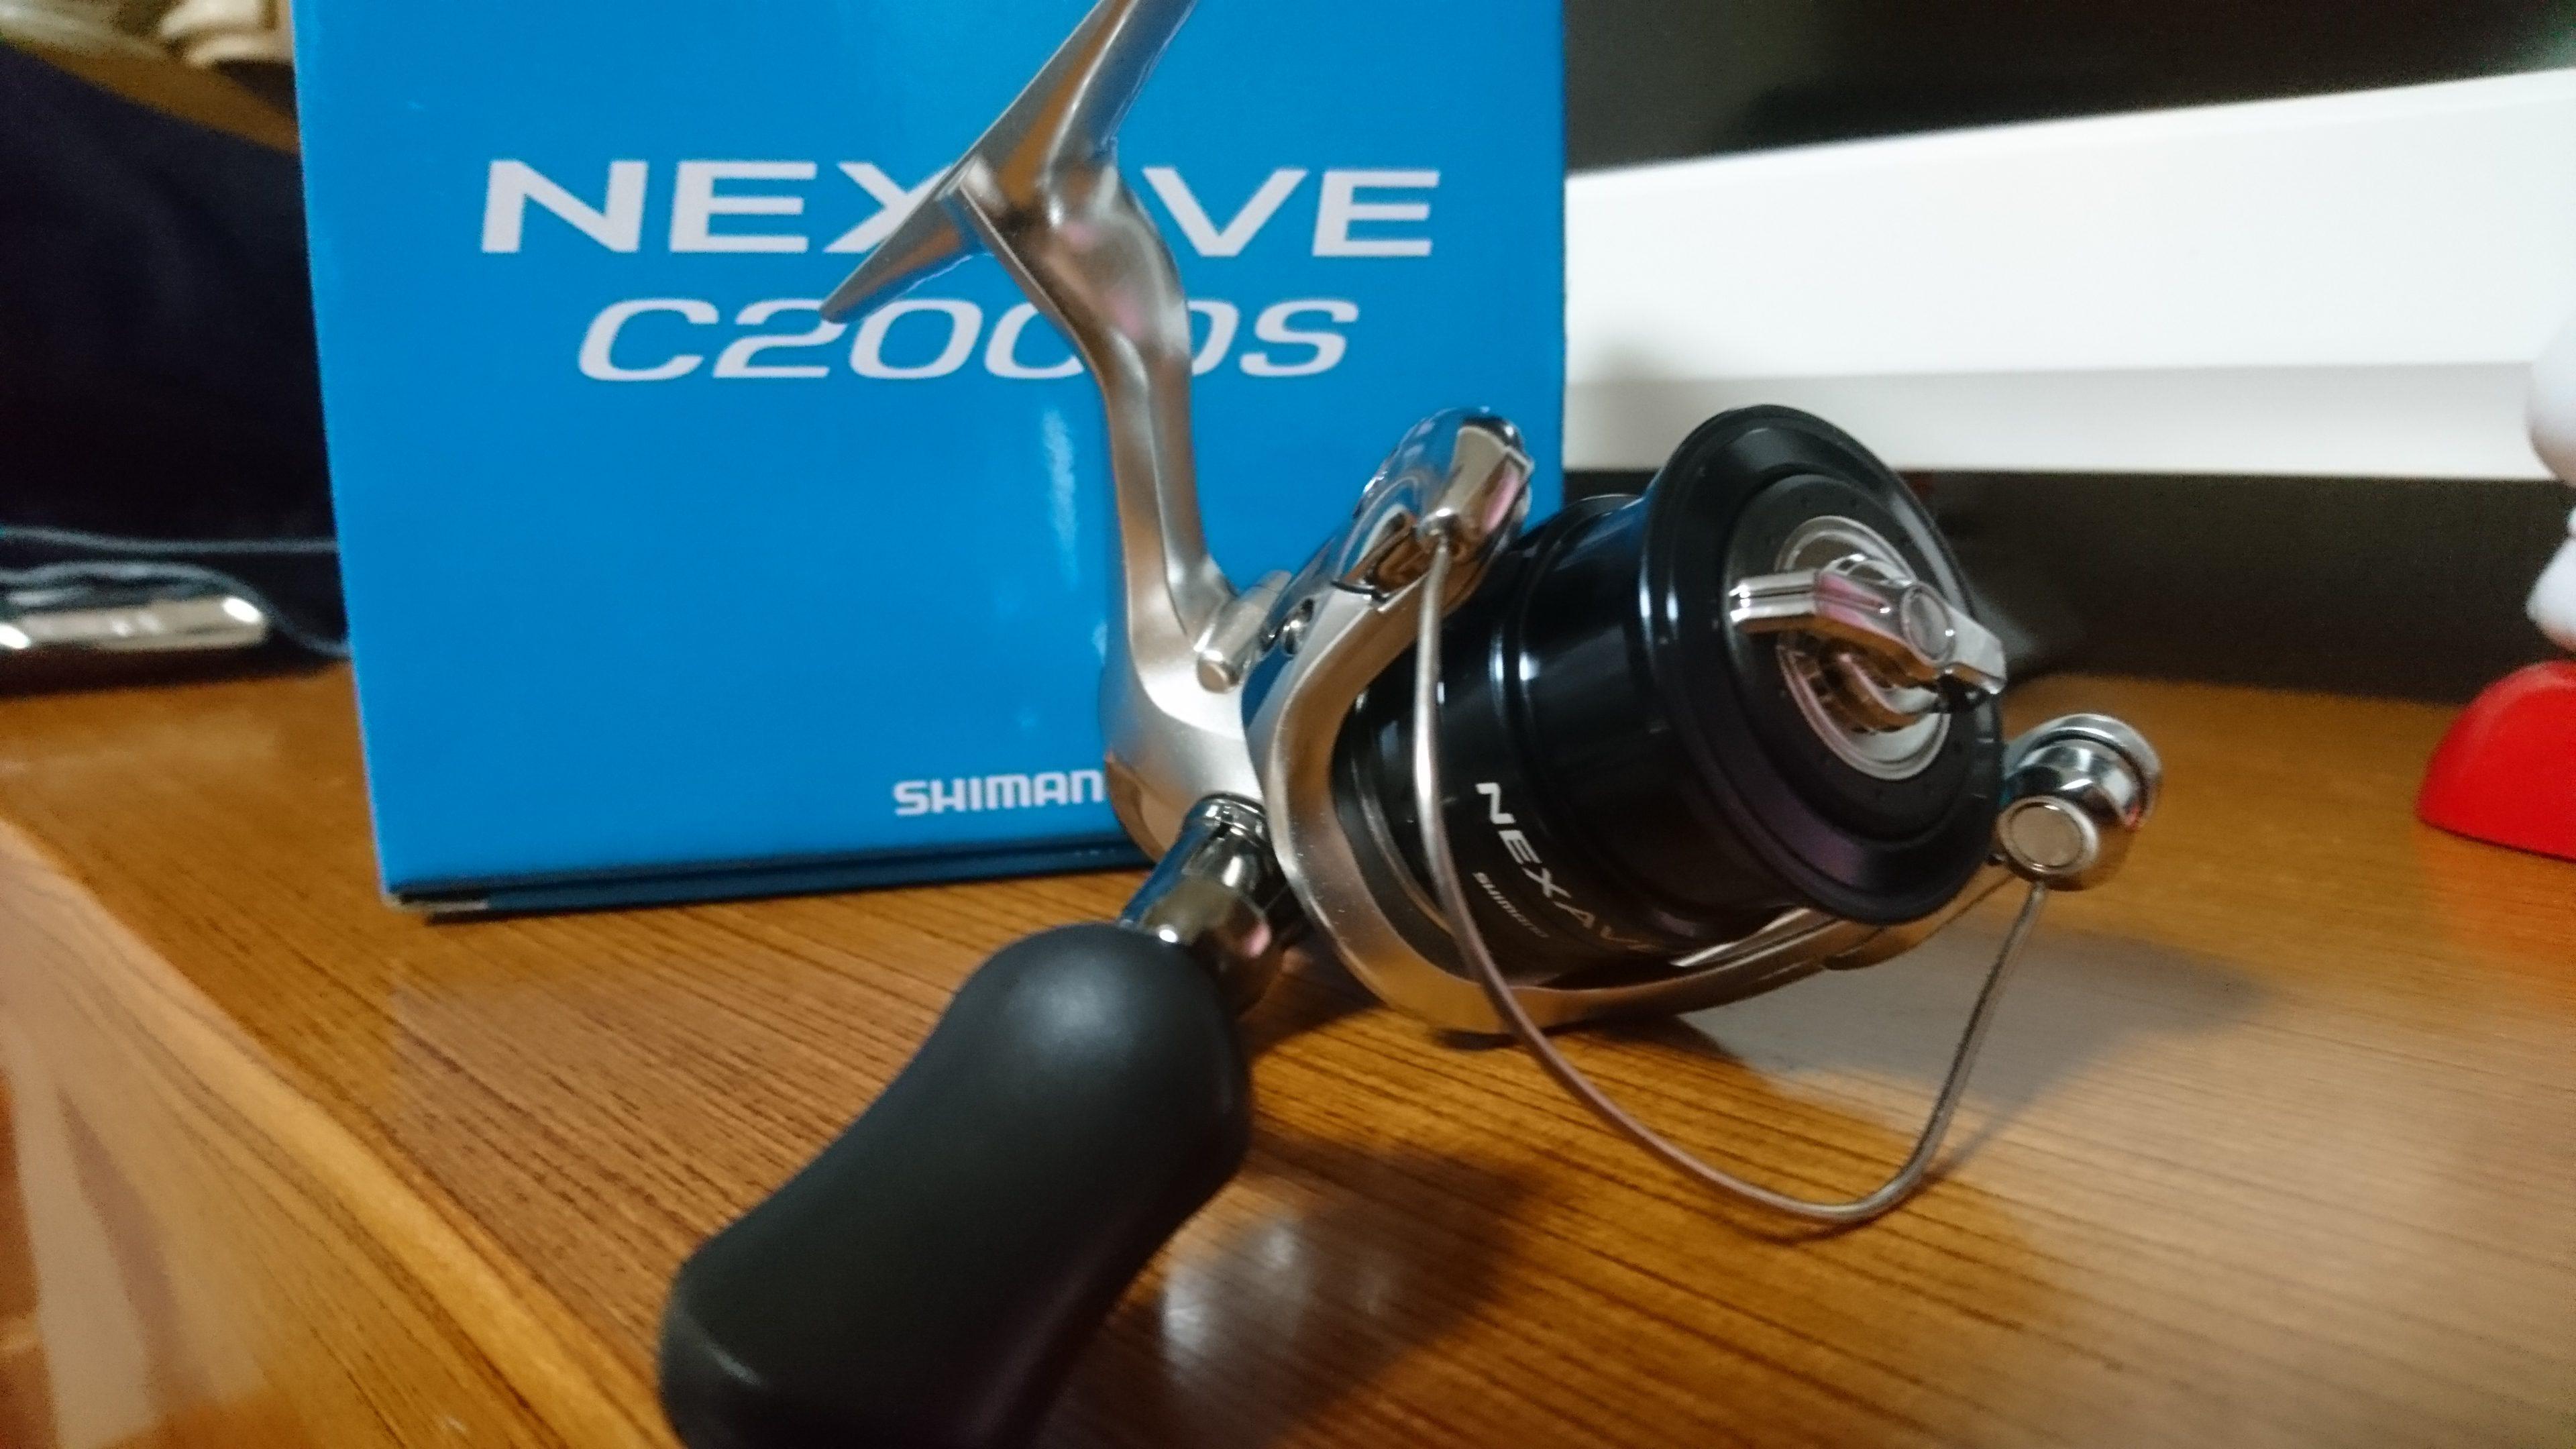 シマノ NEXAVEC2000Sを購入して評価 ~バリュープライスシリーズで快適な釣り~